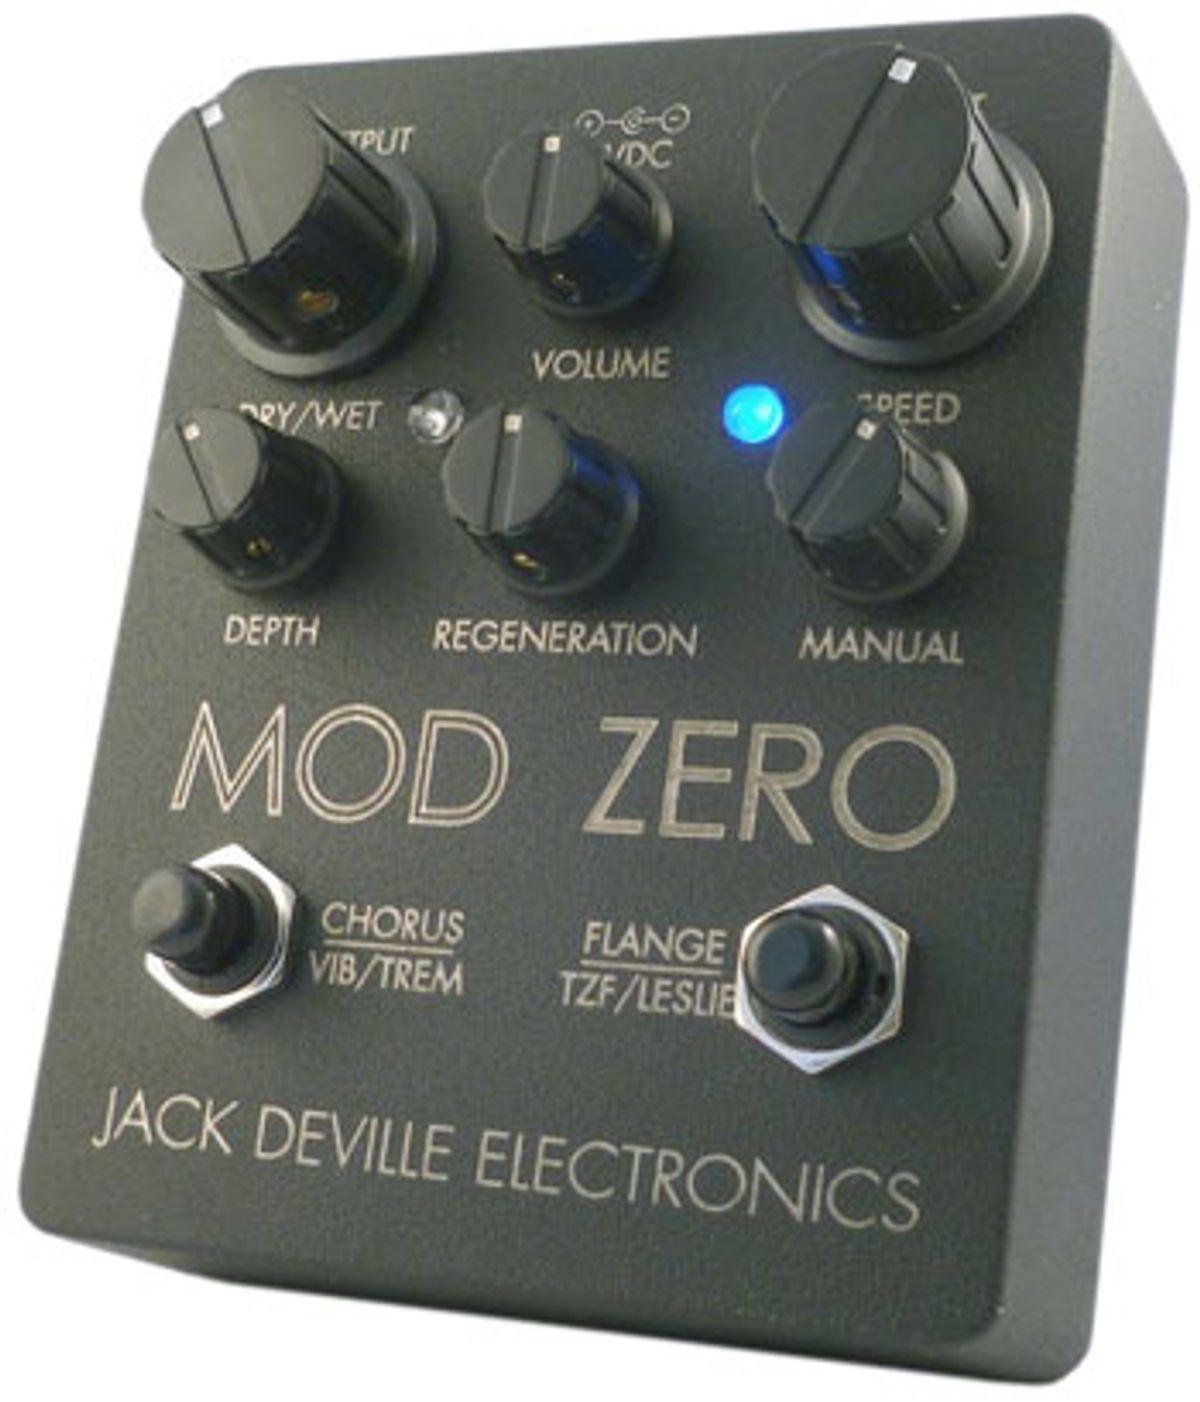 Jack DeVille Electronics Releases Mod Zero